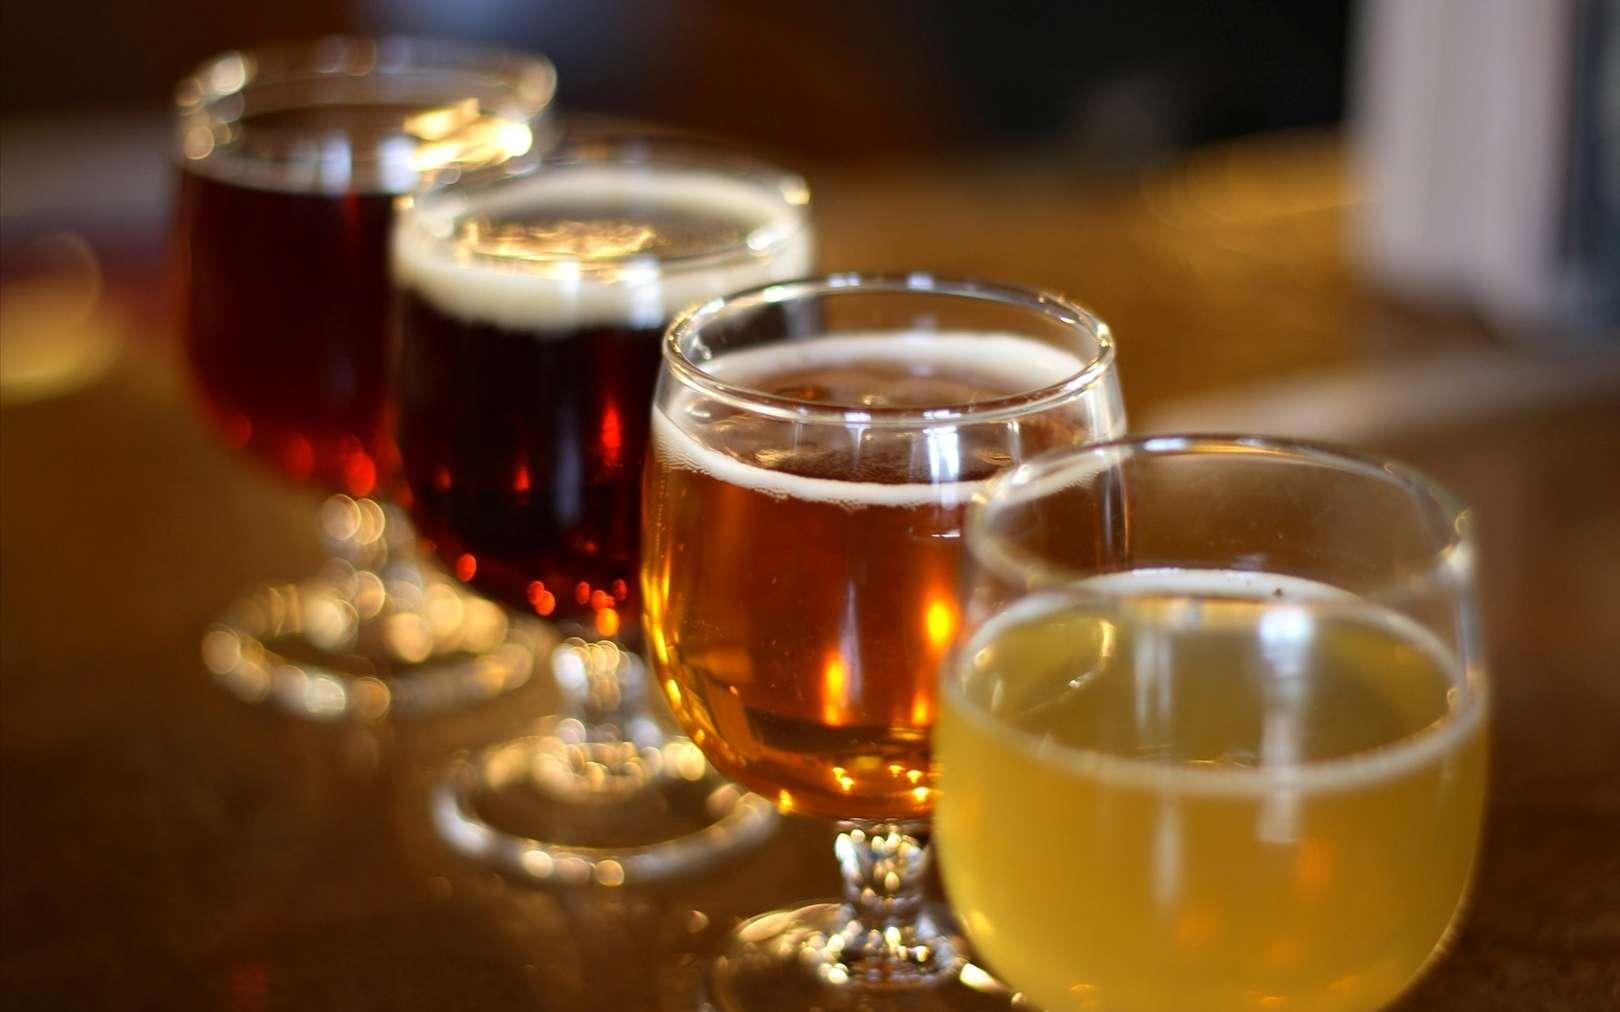 En ajoutant des molécules qui retiennent l'eau, des chercheurs australiens ont concocté une bière qui ne déshydrate pas. Cette boisson miracle limiterait ainsi considérablement la gueule de bois. © Justin C Lenk, Fotopedia, cc by nc nd 2.0